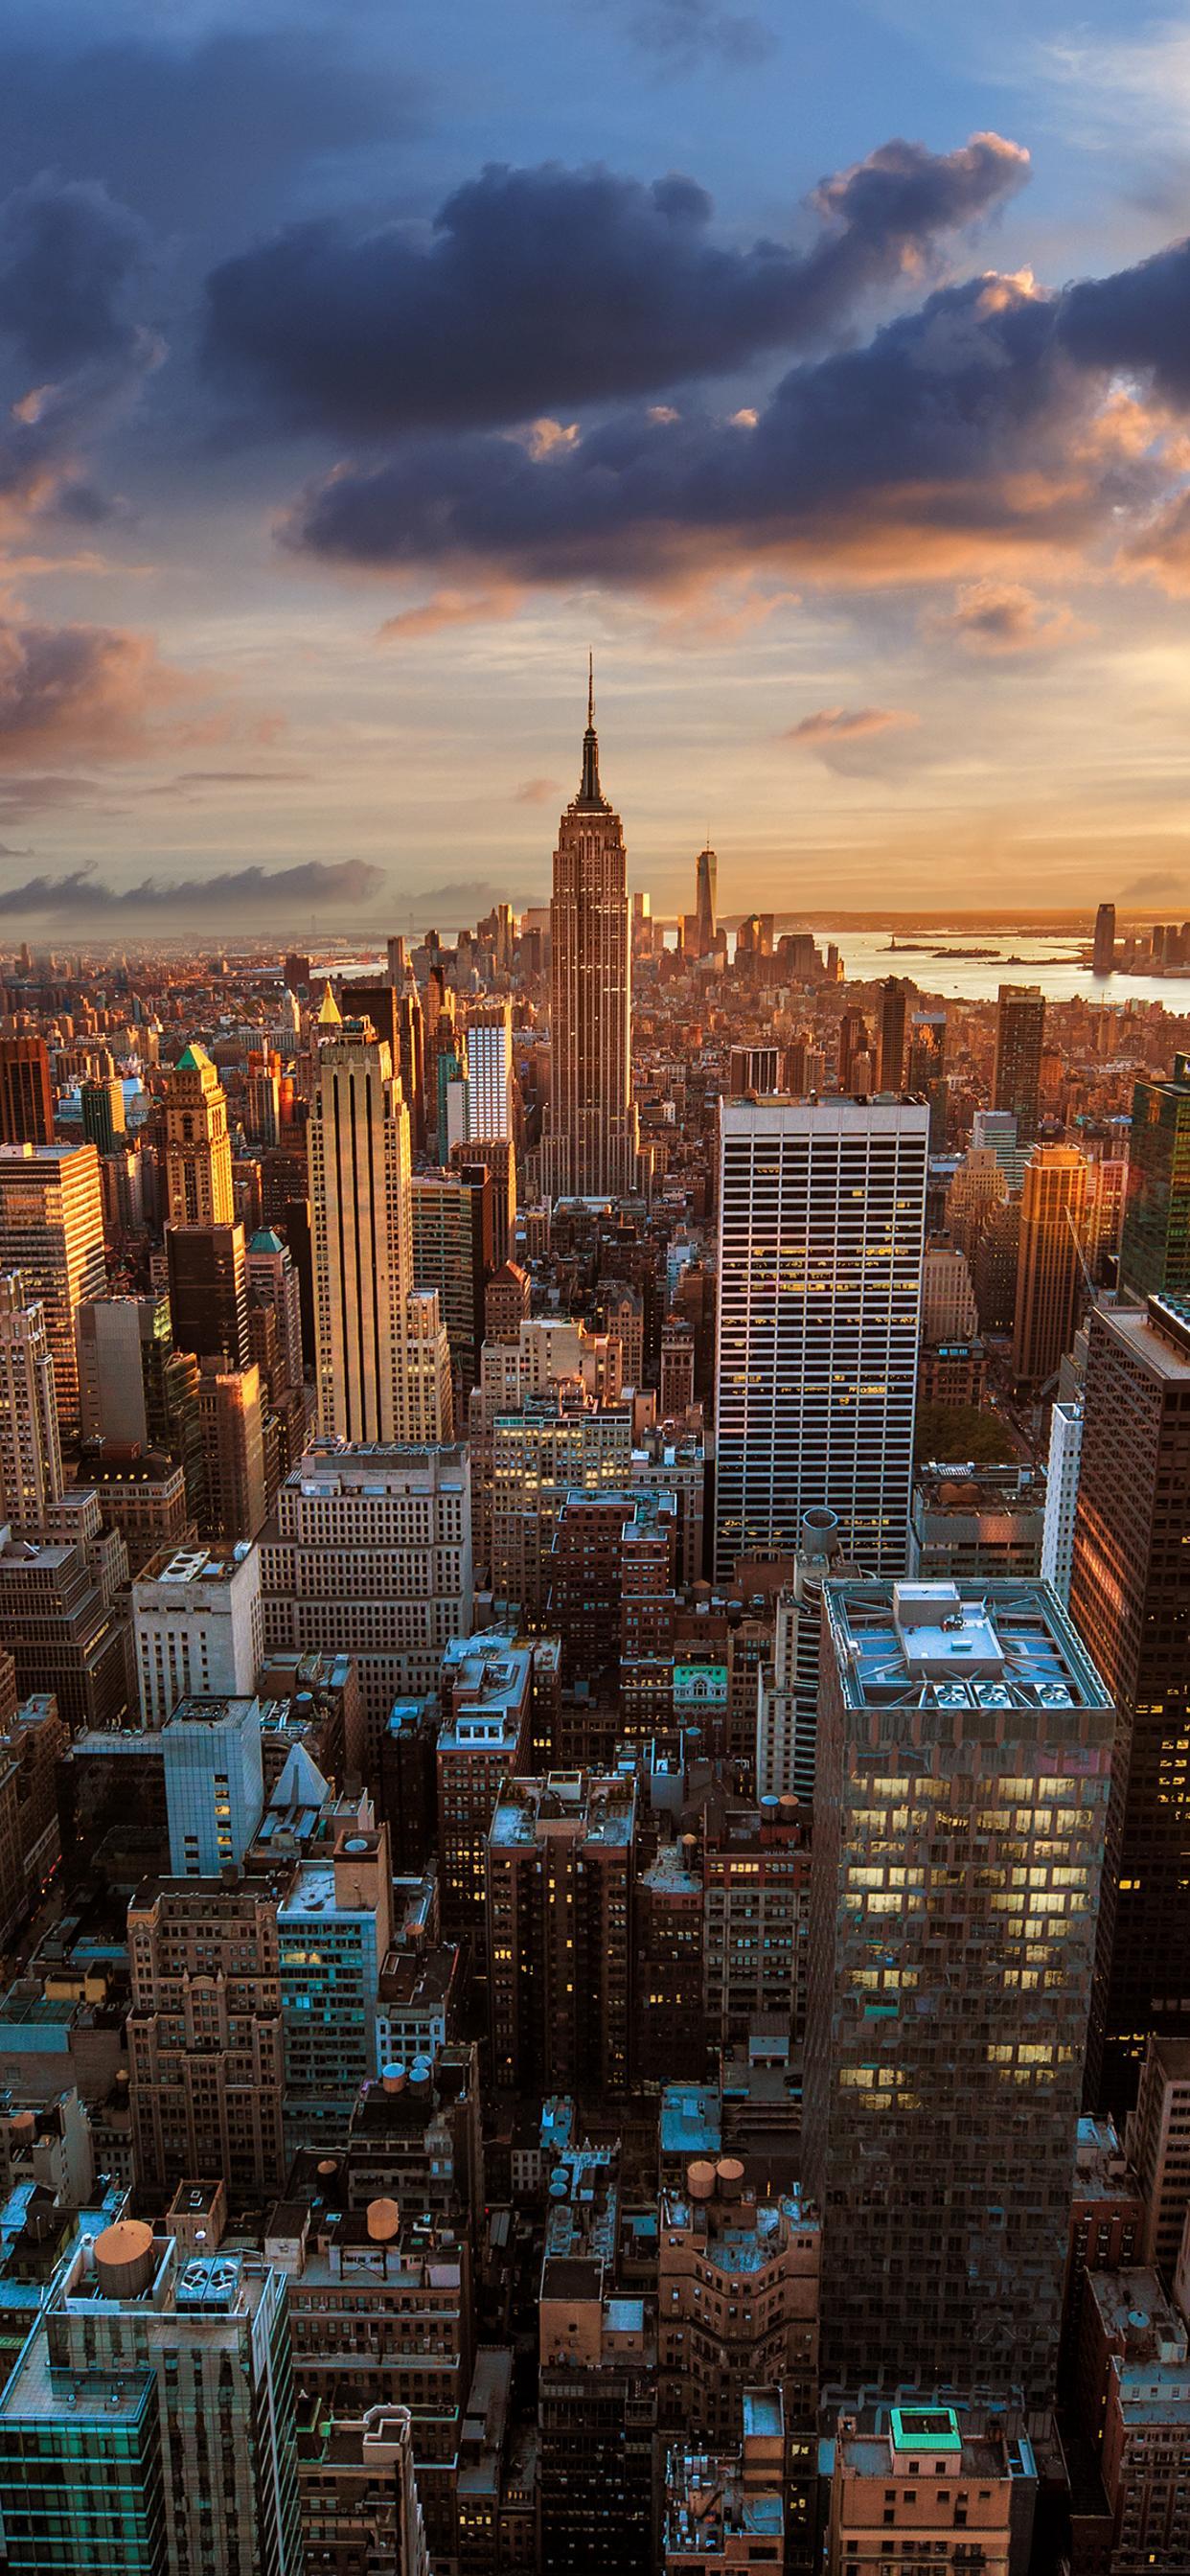 New York City Seen From The Rockefeller Center